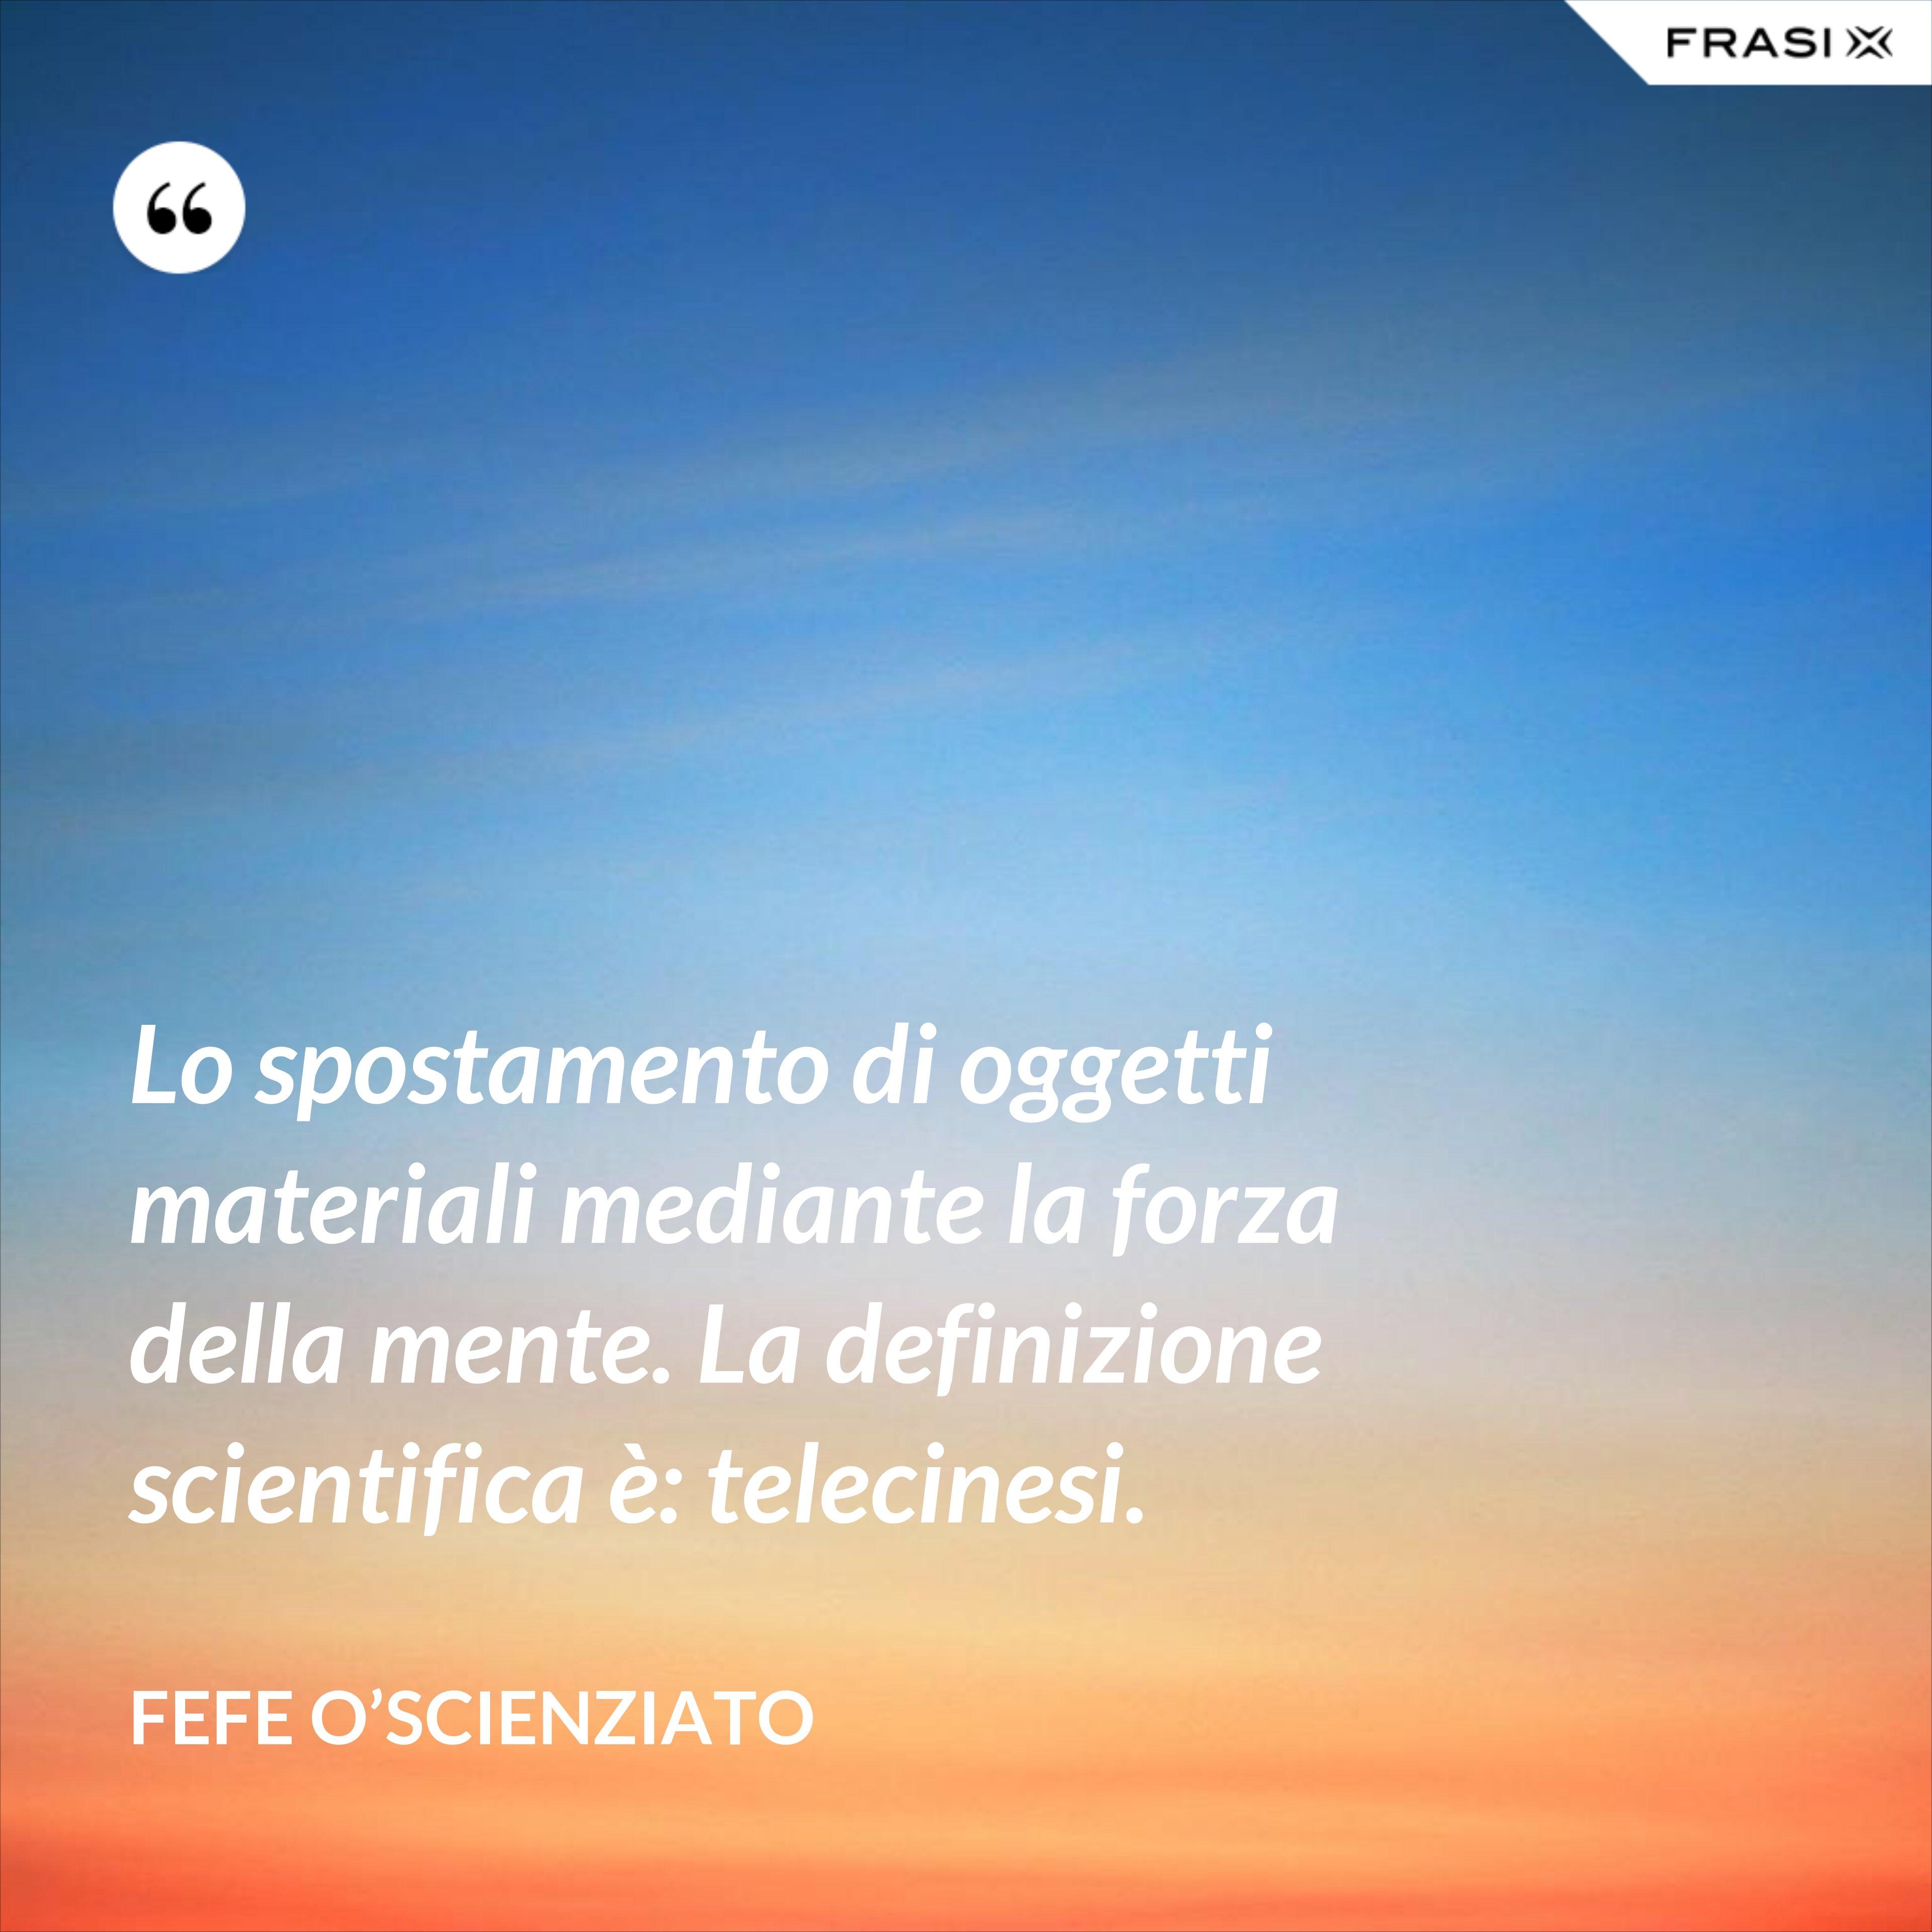 Lo spostamento di oggetti materiali mediante la forza della mente. La definizione scientifica è: telecinesi. - Fefe O'scienziato